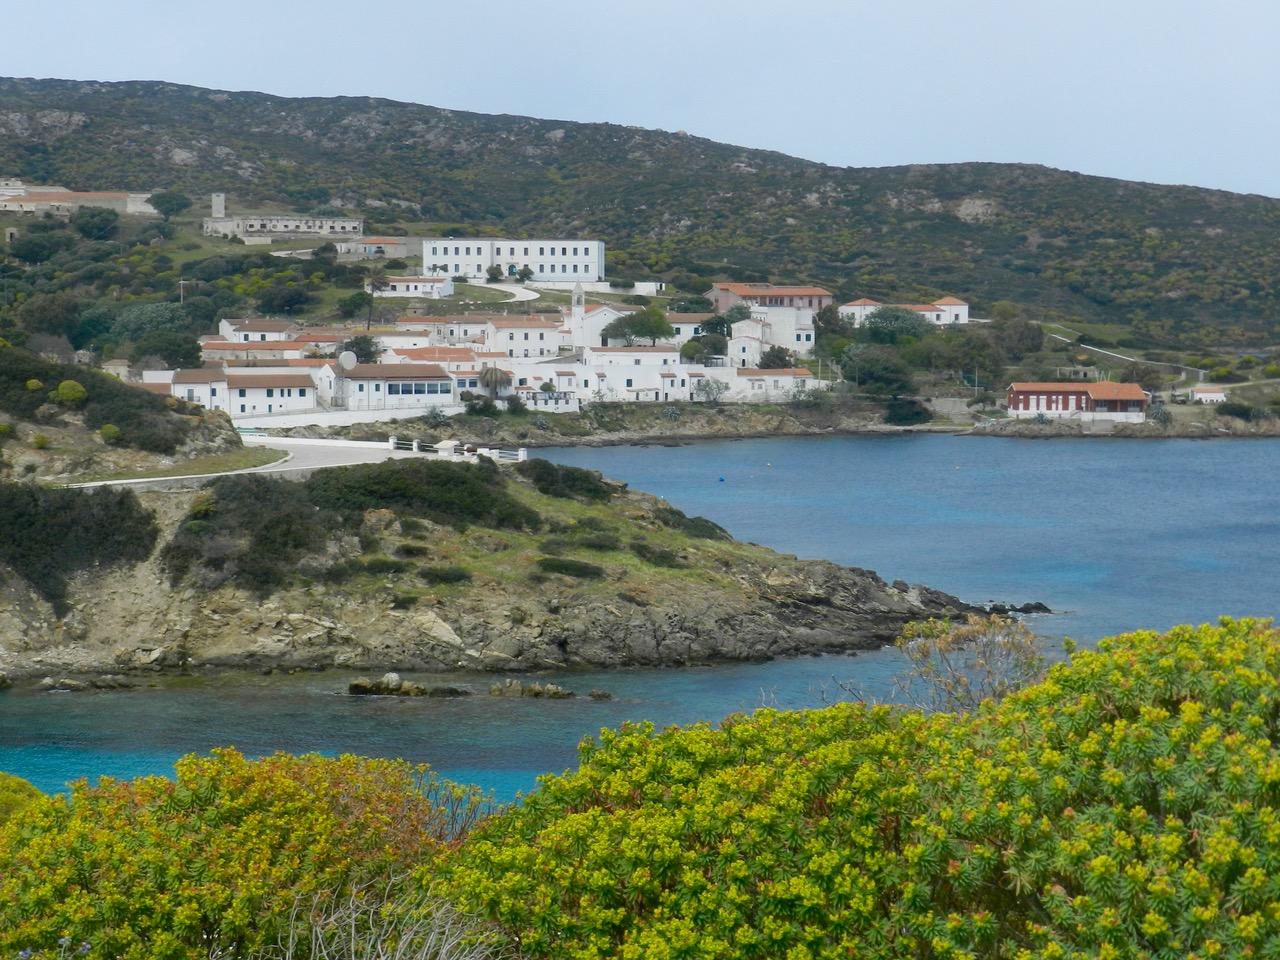 Cala d'Oliva (der große Kasten in der Mitte ist das Ostello)